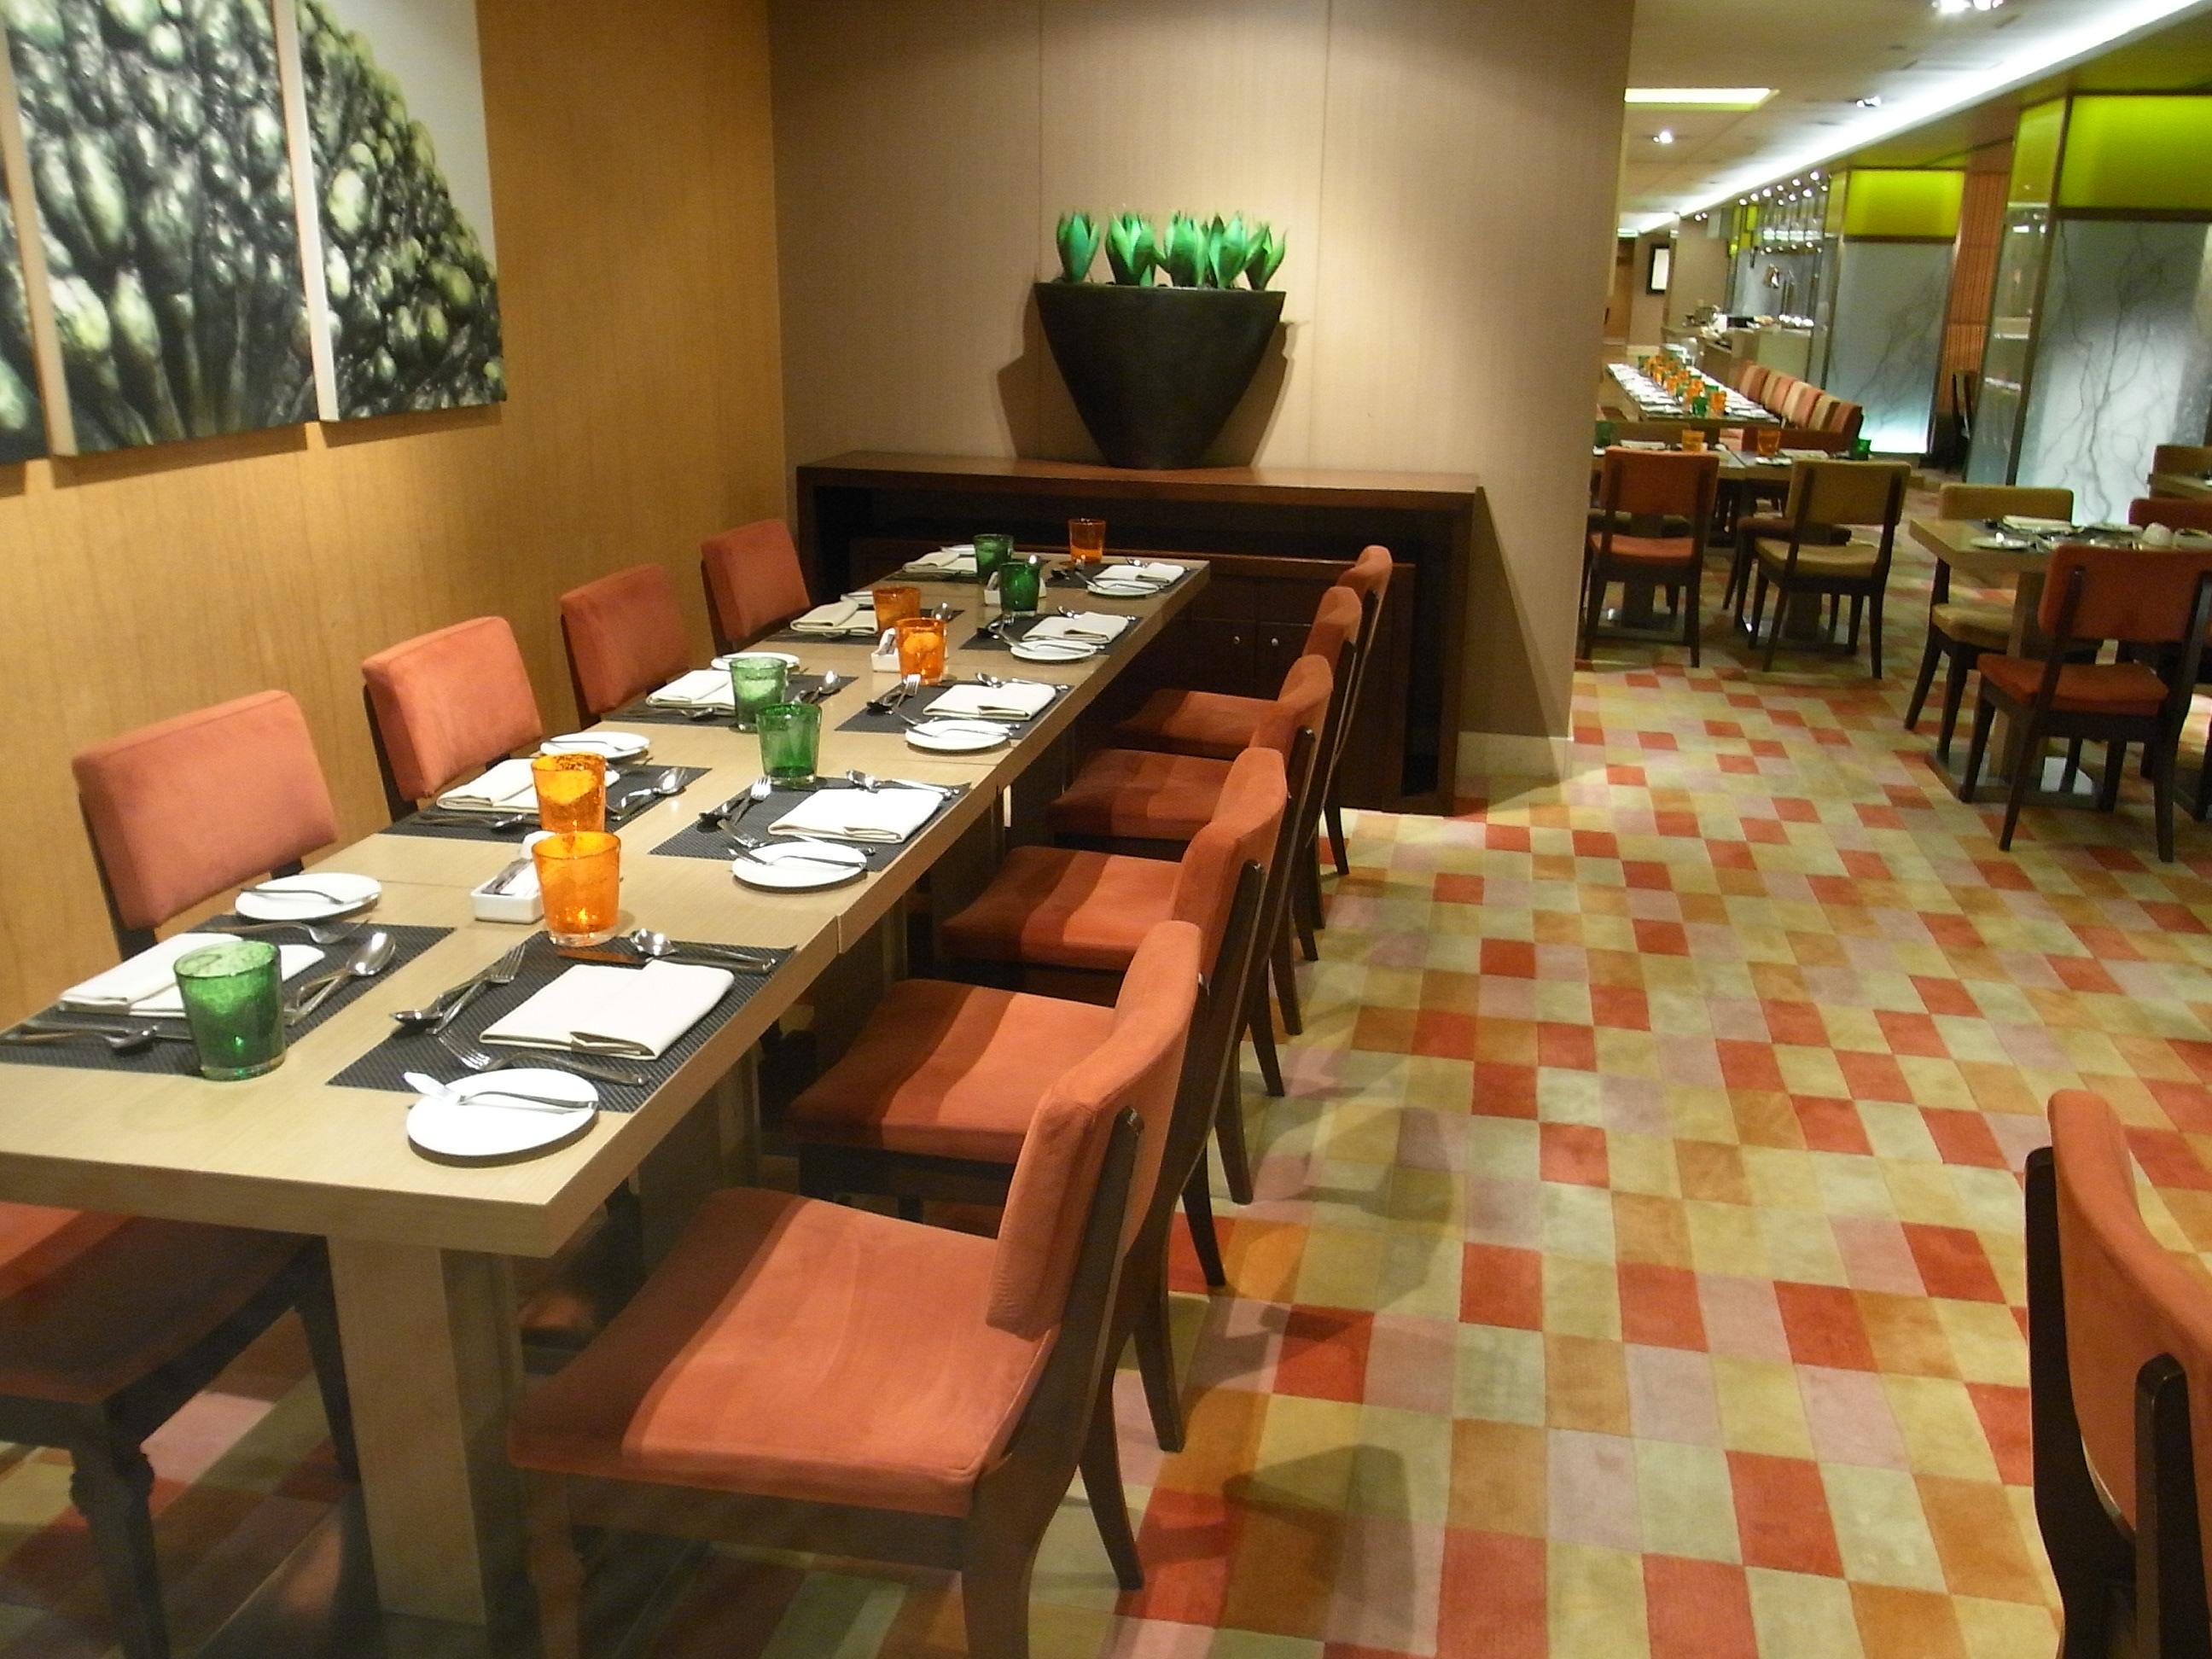 HK Wan Chai North %E7%81%A3%E4%BB%94%E5%8C%97 Art One @ Convention Plaza Restaurant Interior May 2012